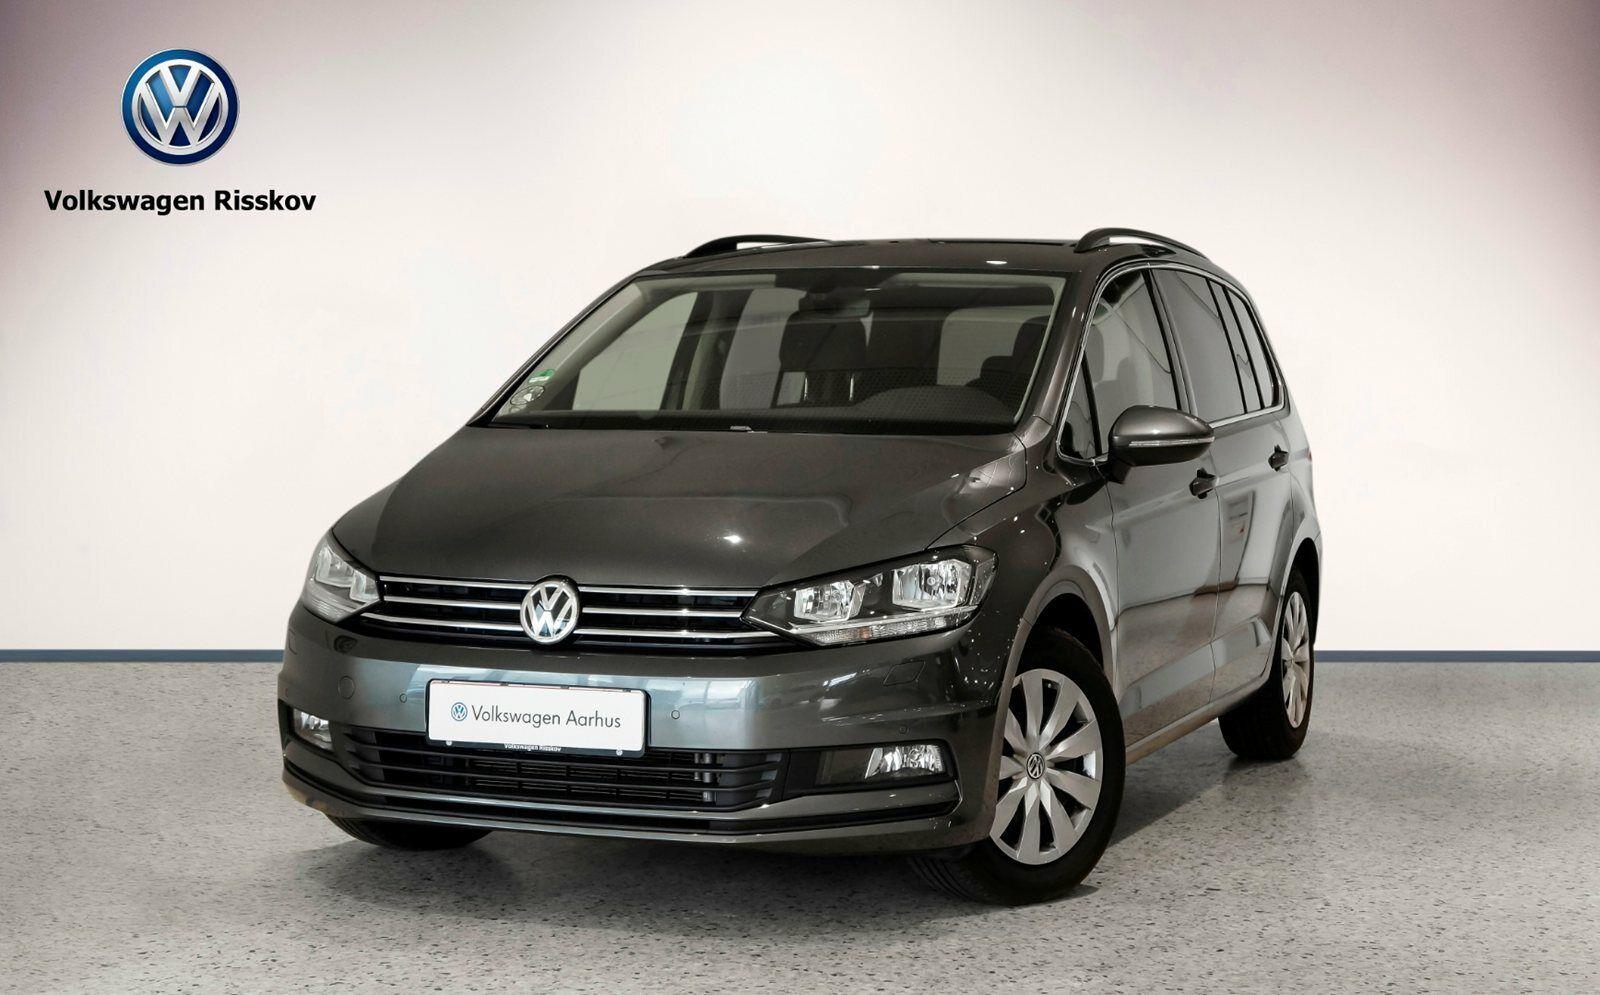 VW Touran 1,4 TSi 150 Comfortline DSG BMT 7p 5d - 299.500 kr.